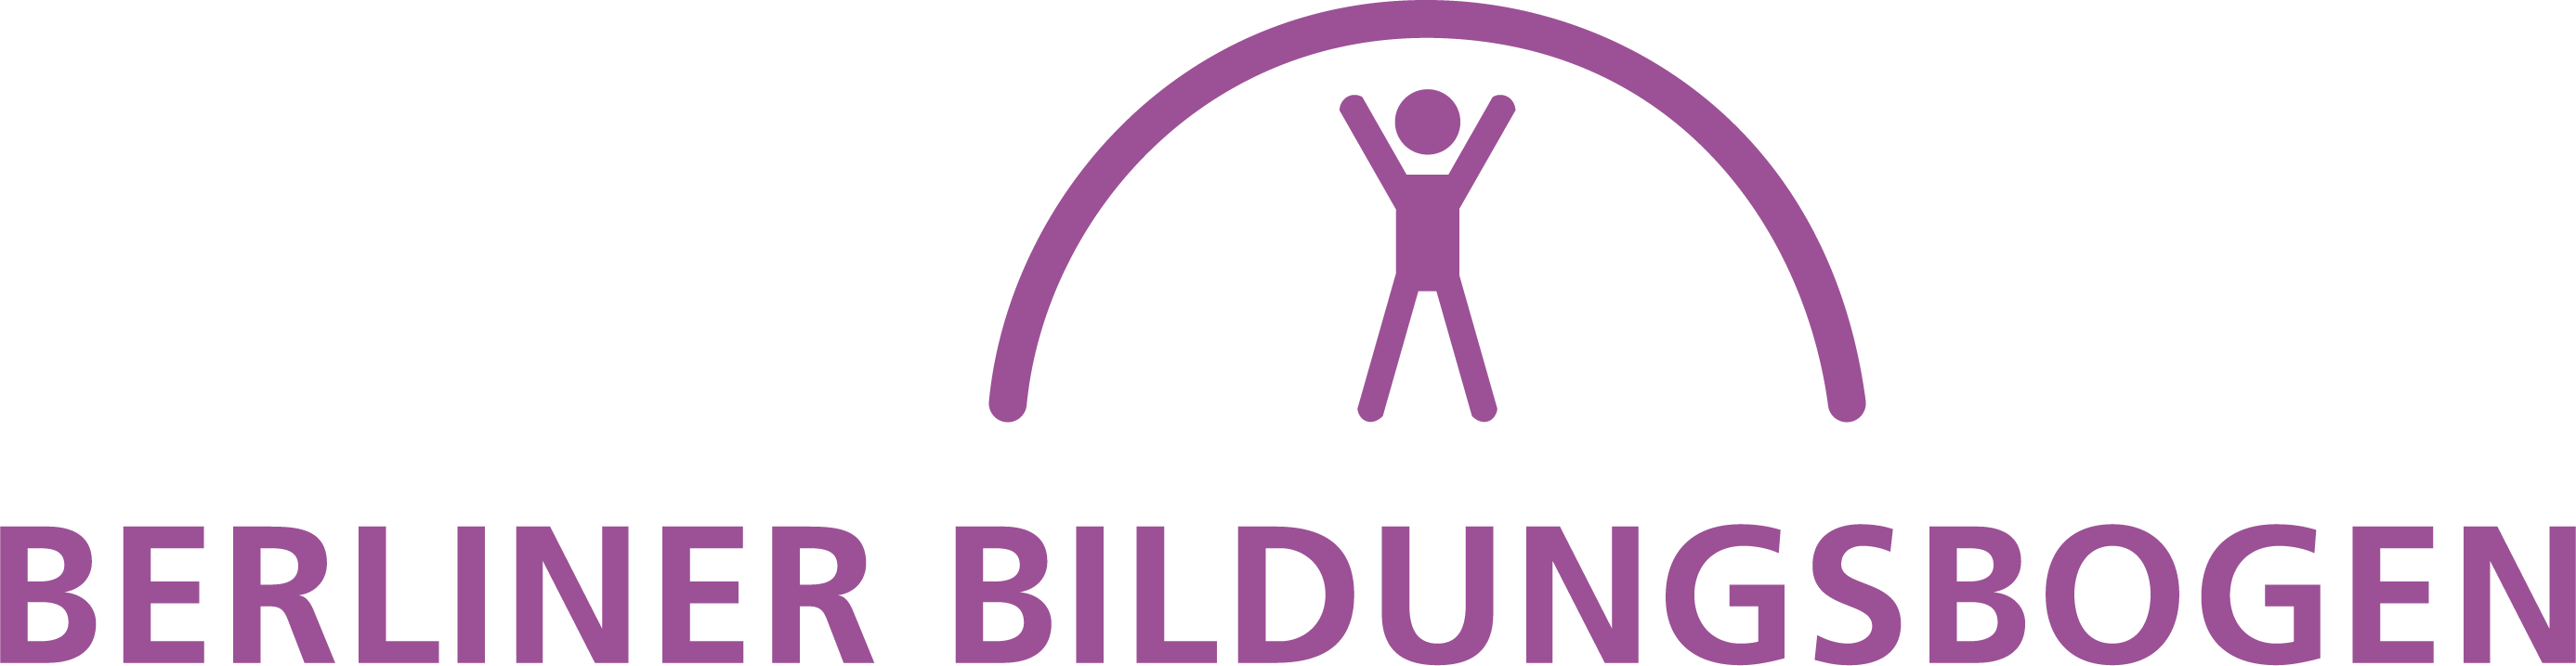 Berliner Bildungsbogen